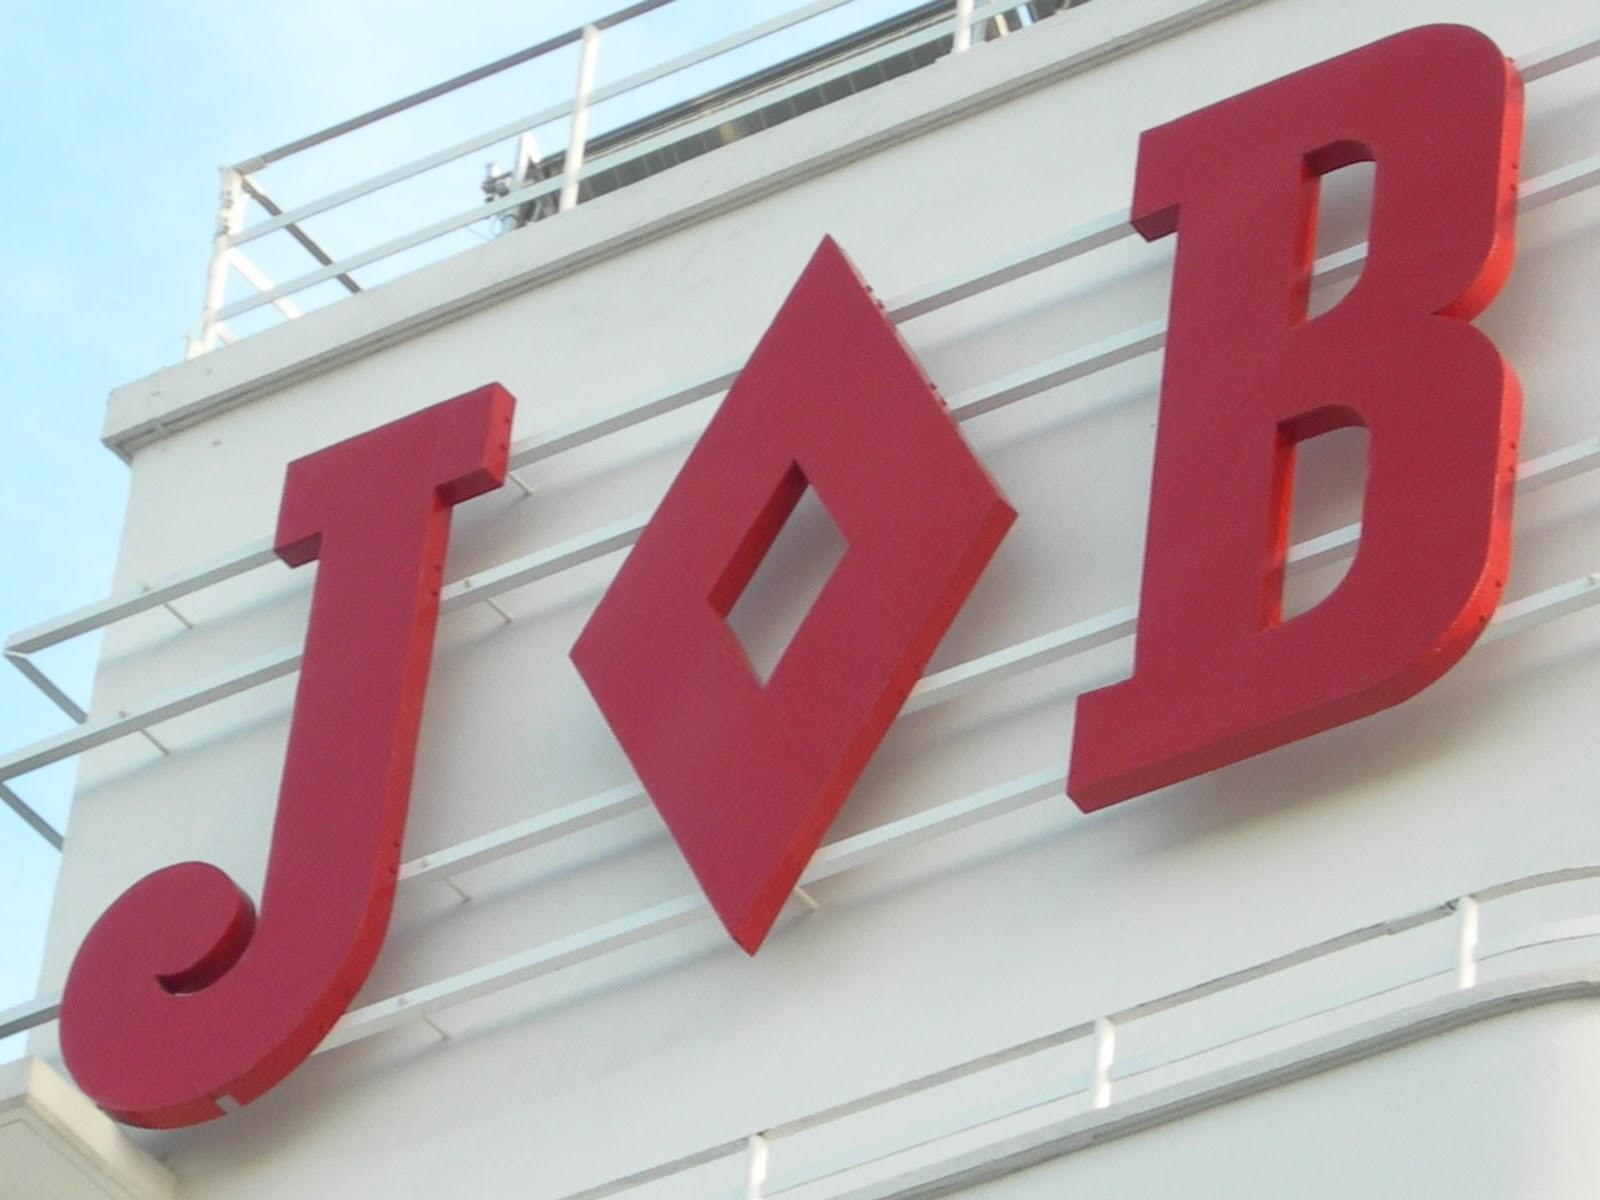 l 39 ancienne usine de papier job parmi les laur ats du prix d 39 architecture midi pyr n es 2011. Black Bedroom Furniture Sets. Home Design Ideas